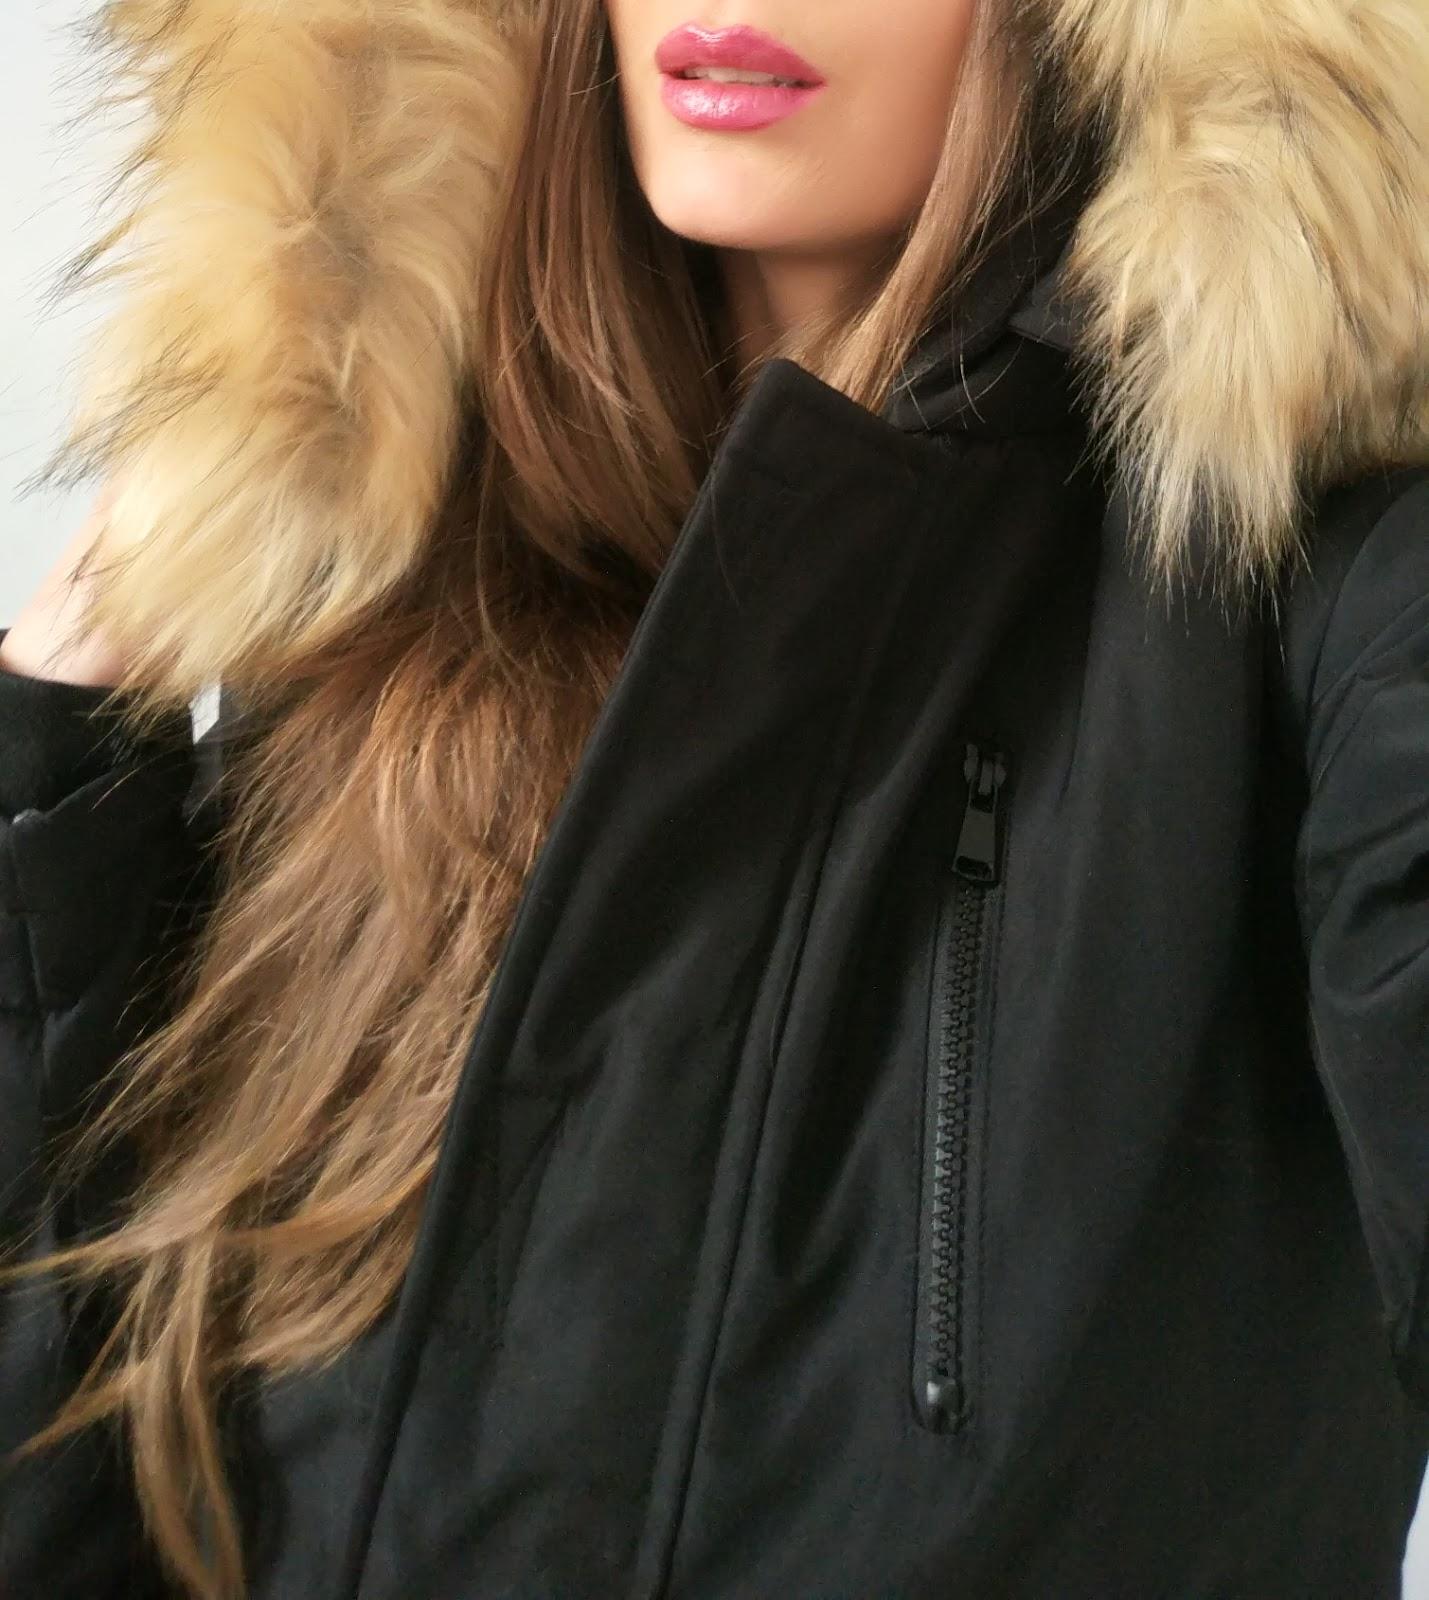 33e4c9d9e35e Kurtka Damska Ocieplana Kaptur z Futerkiem Jenot Prosta Hit Najnowszy Model  na Wiosnę Jesień Zimę 2016   2017 model  119 FASHIONAVNUE.PL